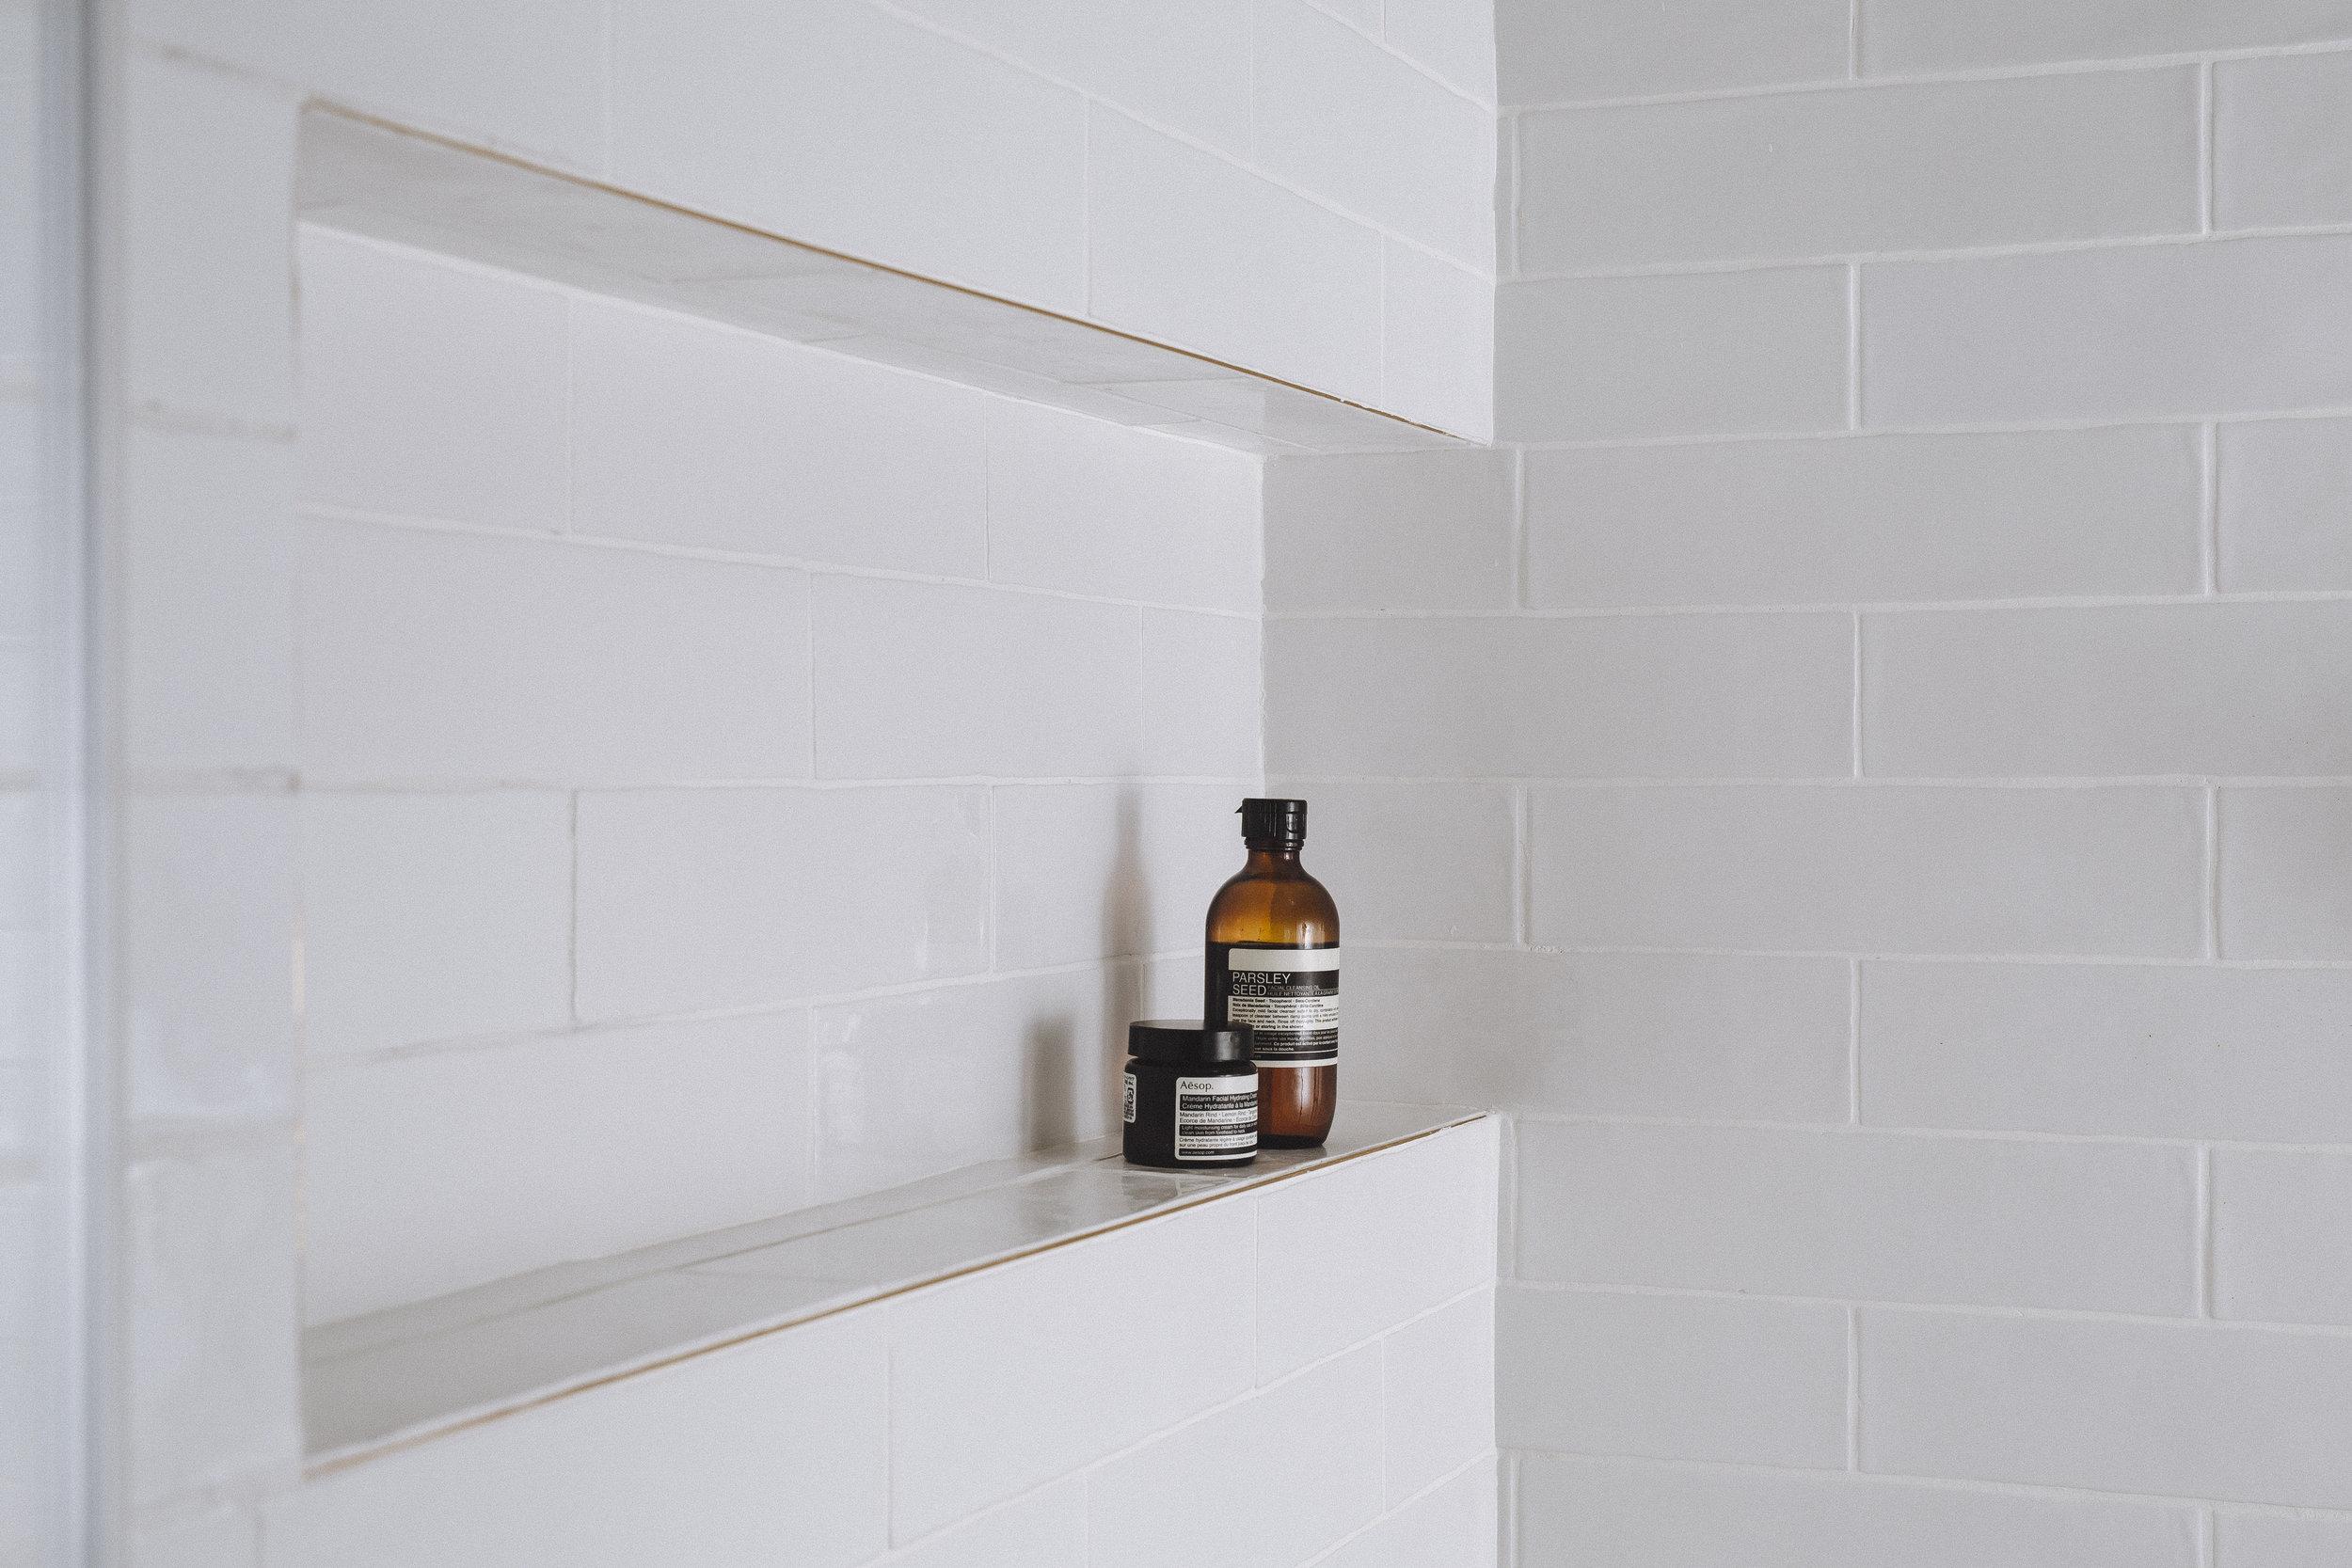 Subway tiles niche in bathroom wall